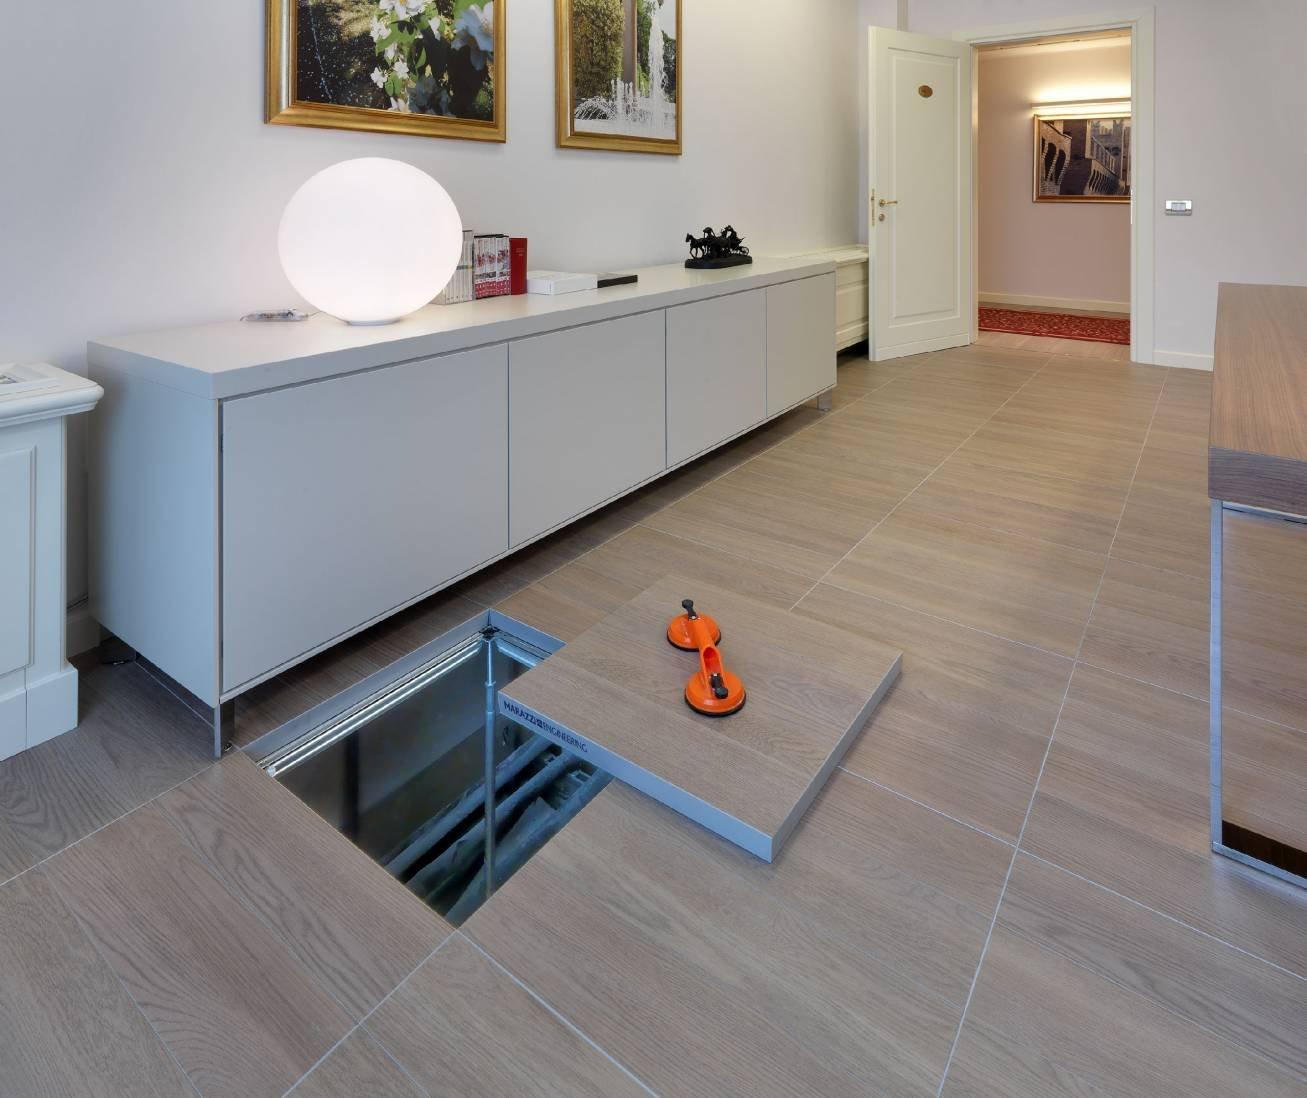 Posa Pavimento A Secco Giardino pavimenti sopraelevati per interni e per esterno. modelli